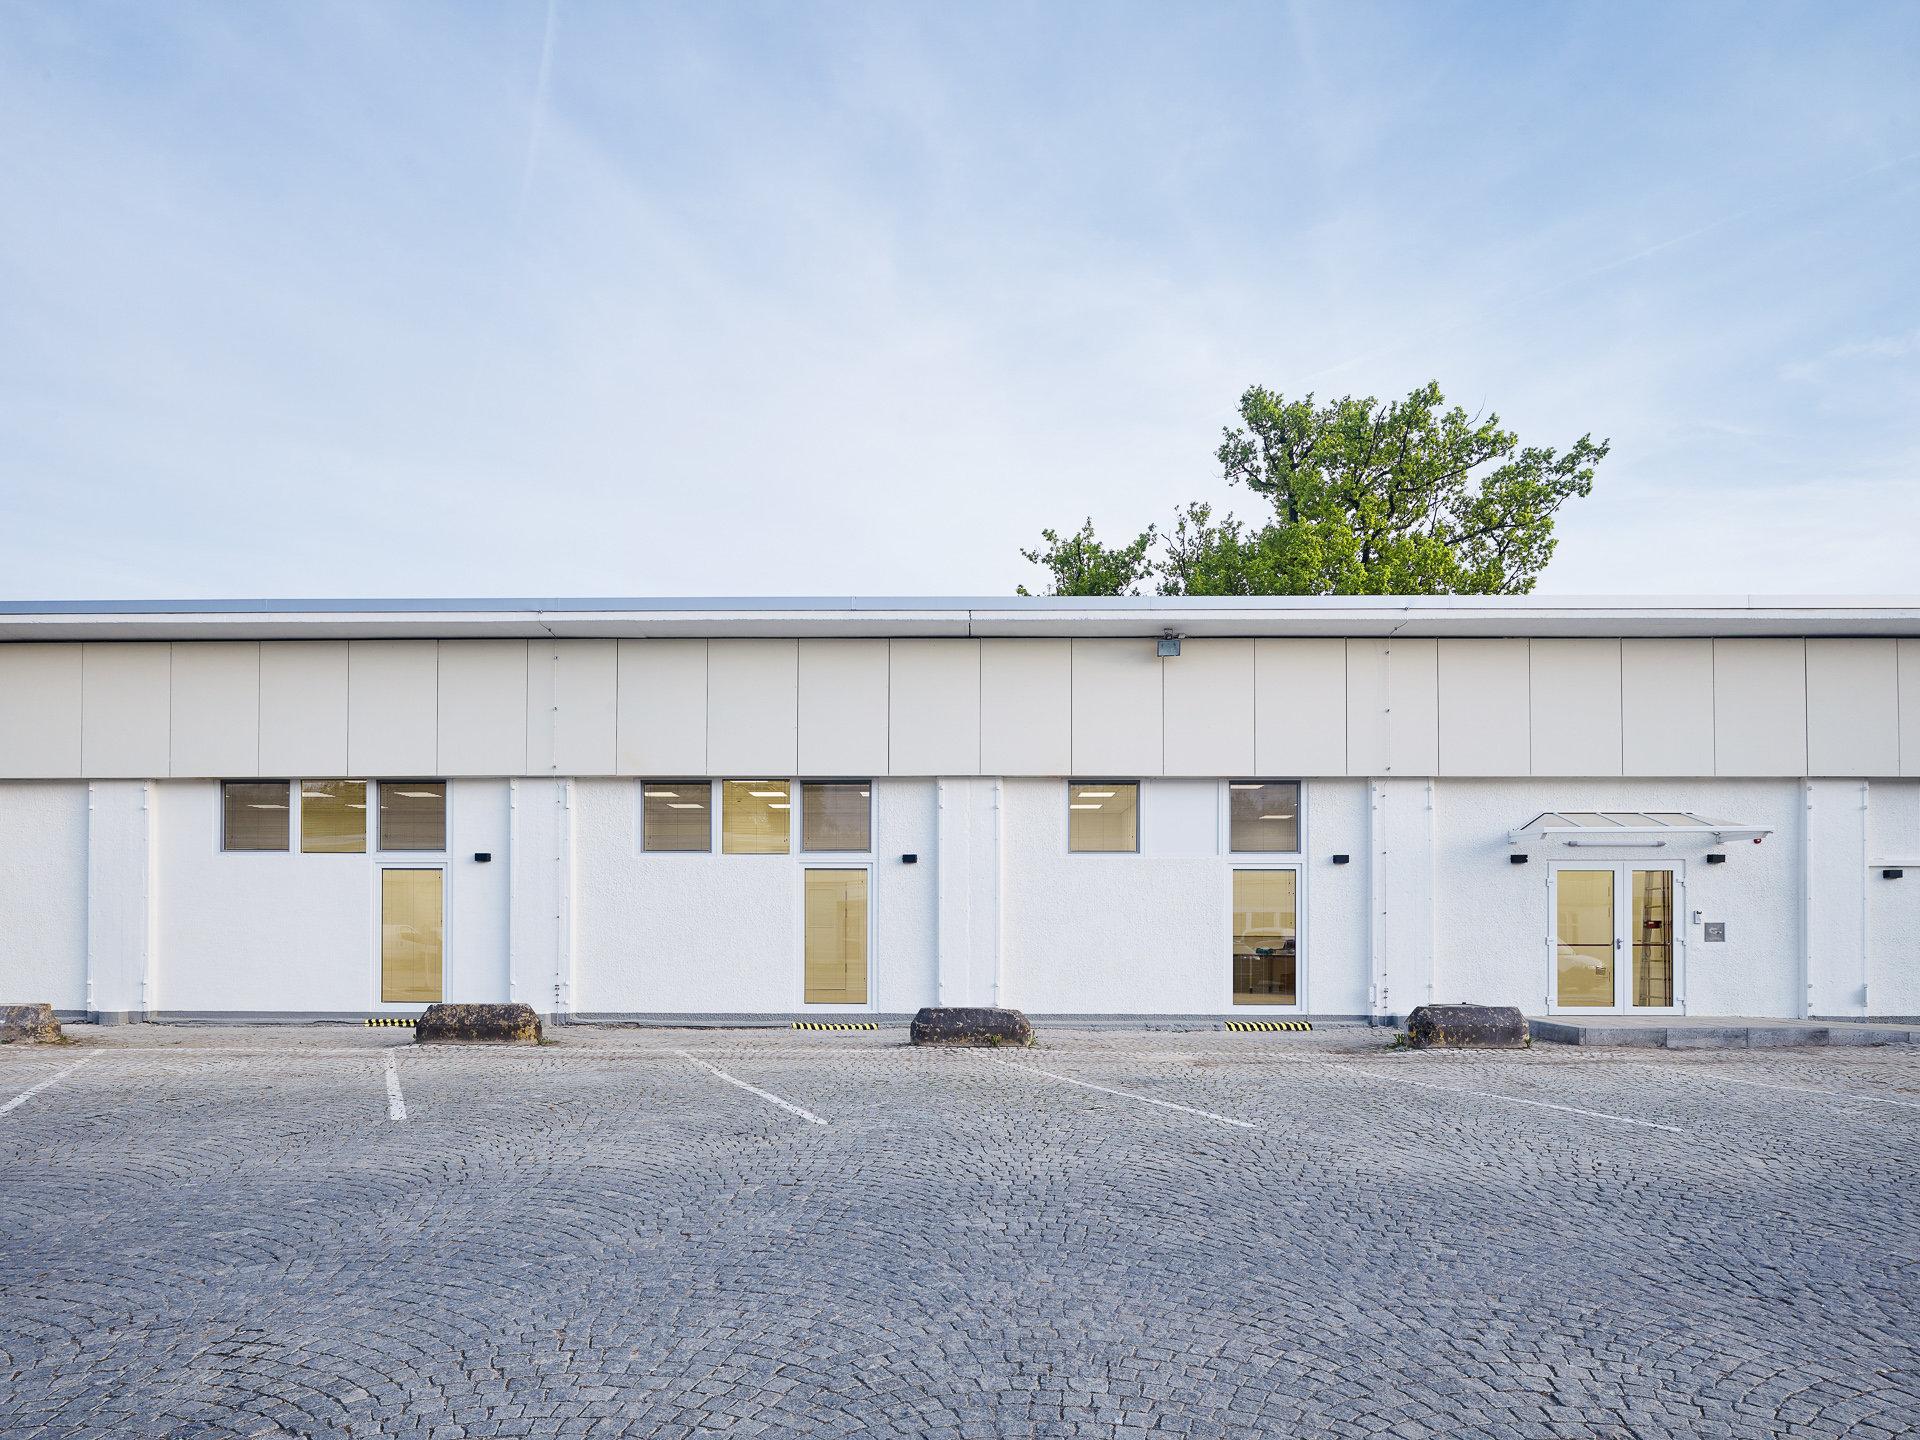 Umbau / Umnutzung Panzerhalle zu KinderhortSchelling Architekten, Karlsruhe - Projektleitung in Stuttgart: Frau SixtBauherr: Staatl. Hochbauamt RT, Amt Stuttgart, Projektleitung: Herr Schneider